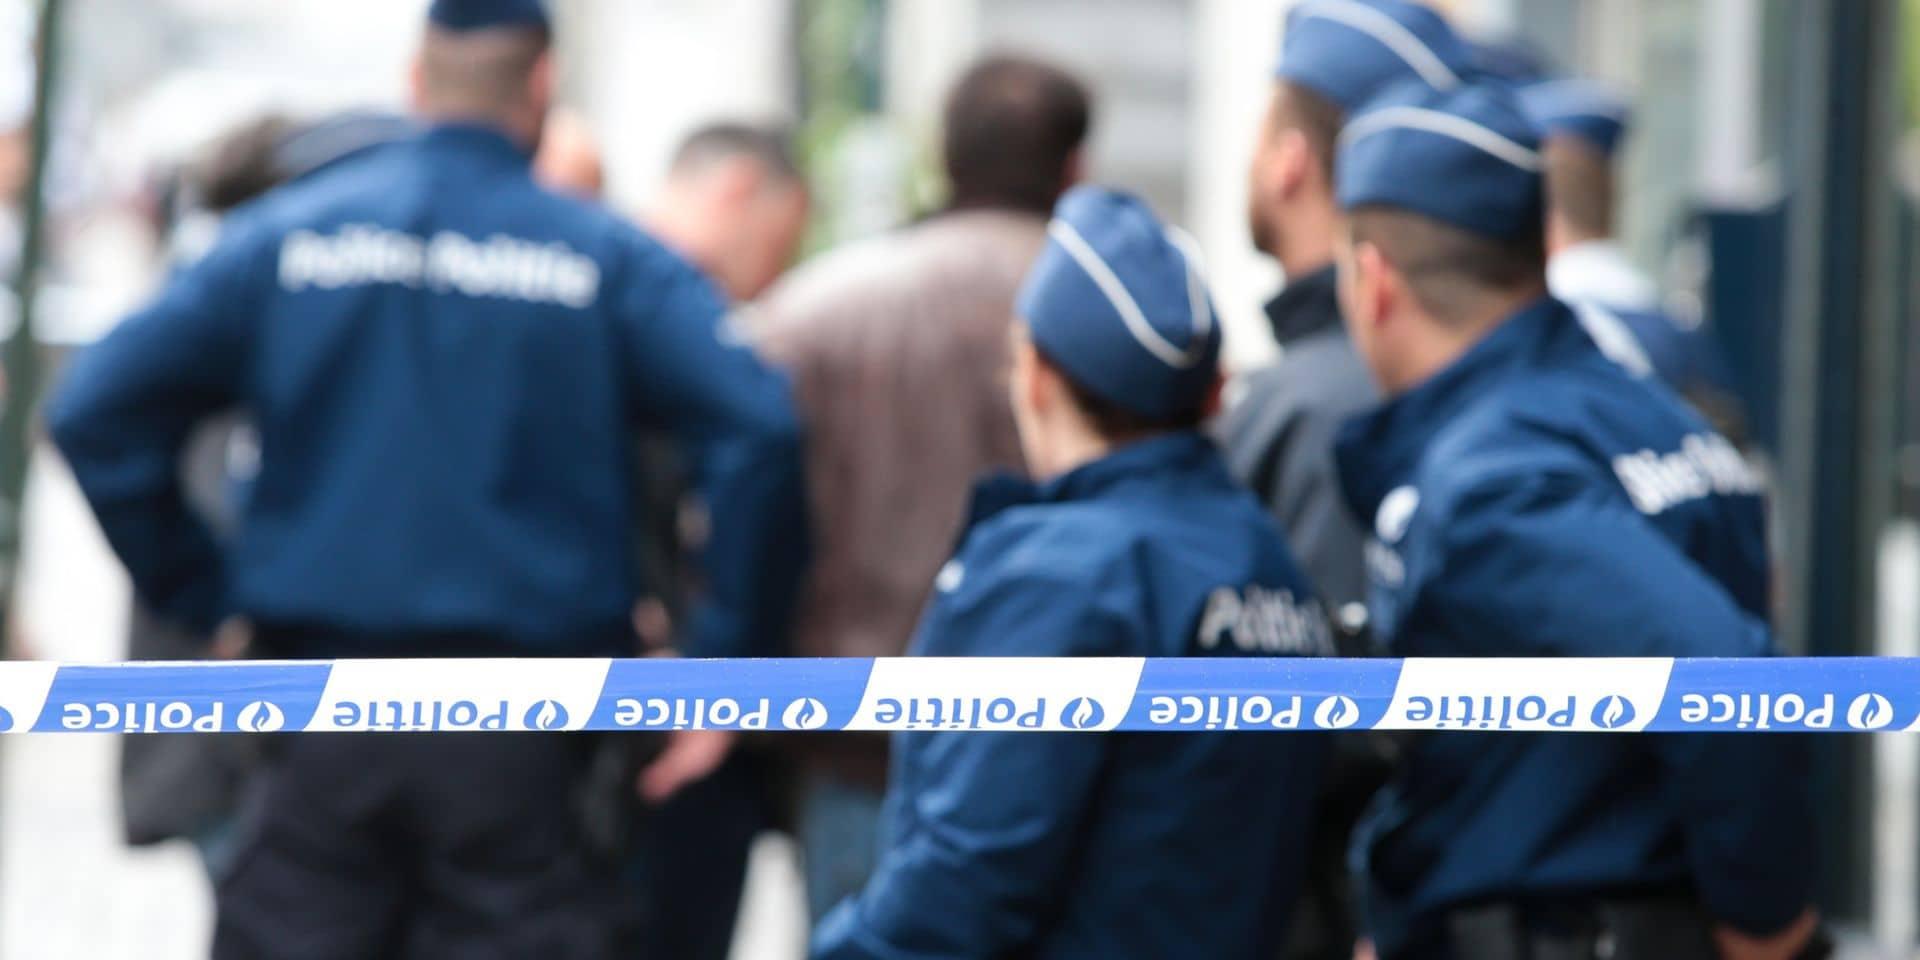 Deux inspecteurs de la zone de police Bruxelles-Capitale-Ixelles condamnés pour l'agression d'un suspect